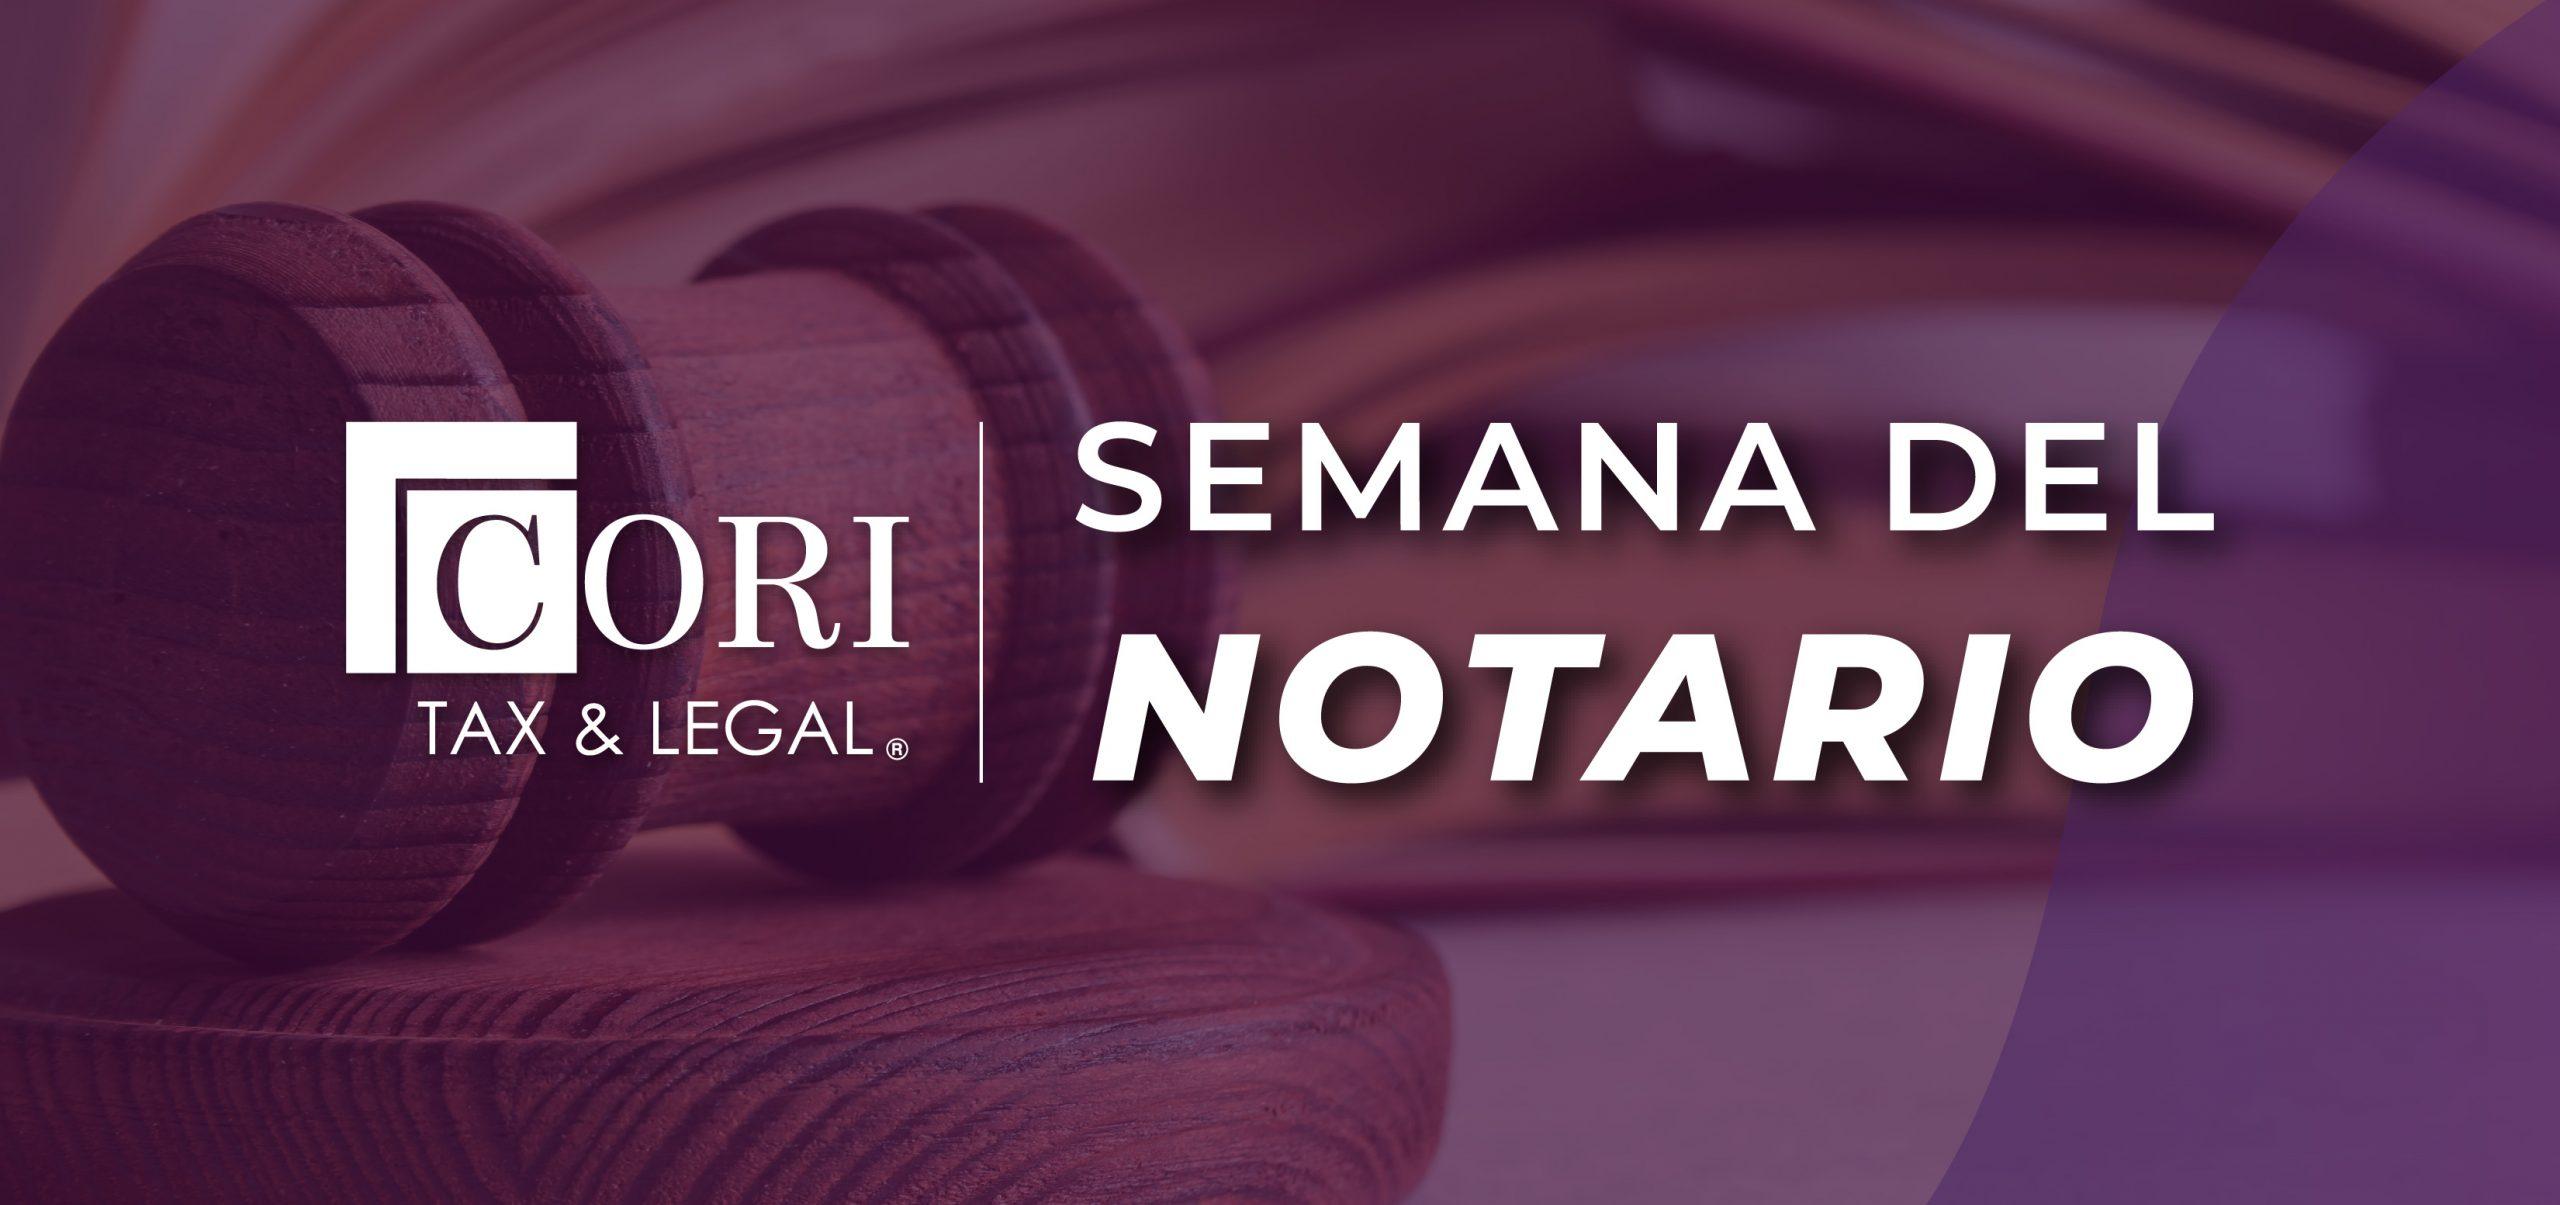 asesoria y planeacion empresarial, sat, asesoria legal, fiscal, contable, notario